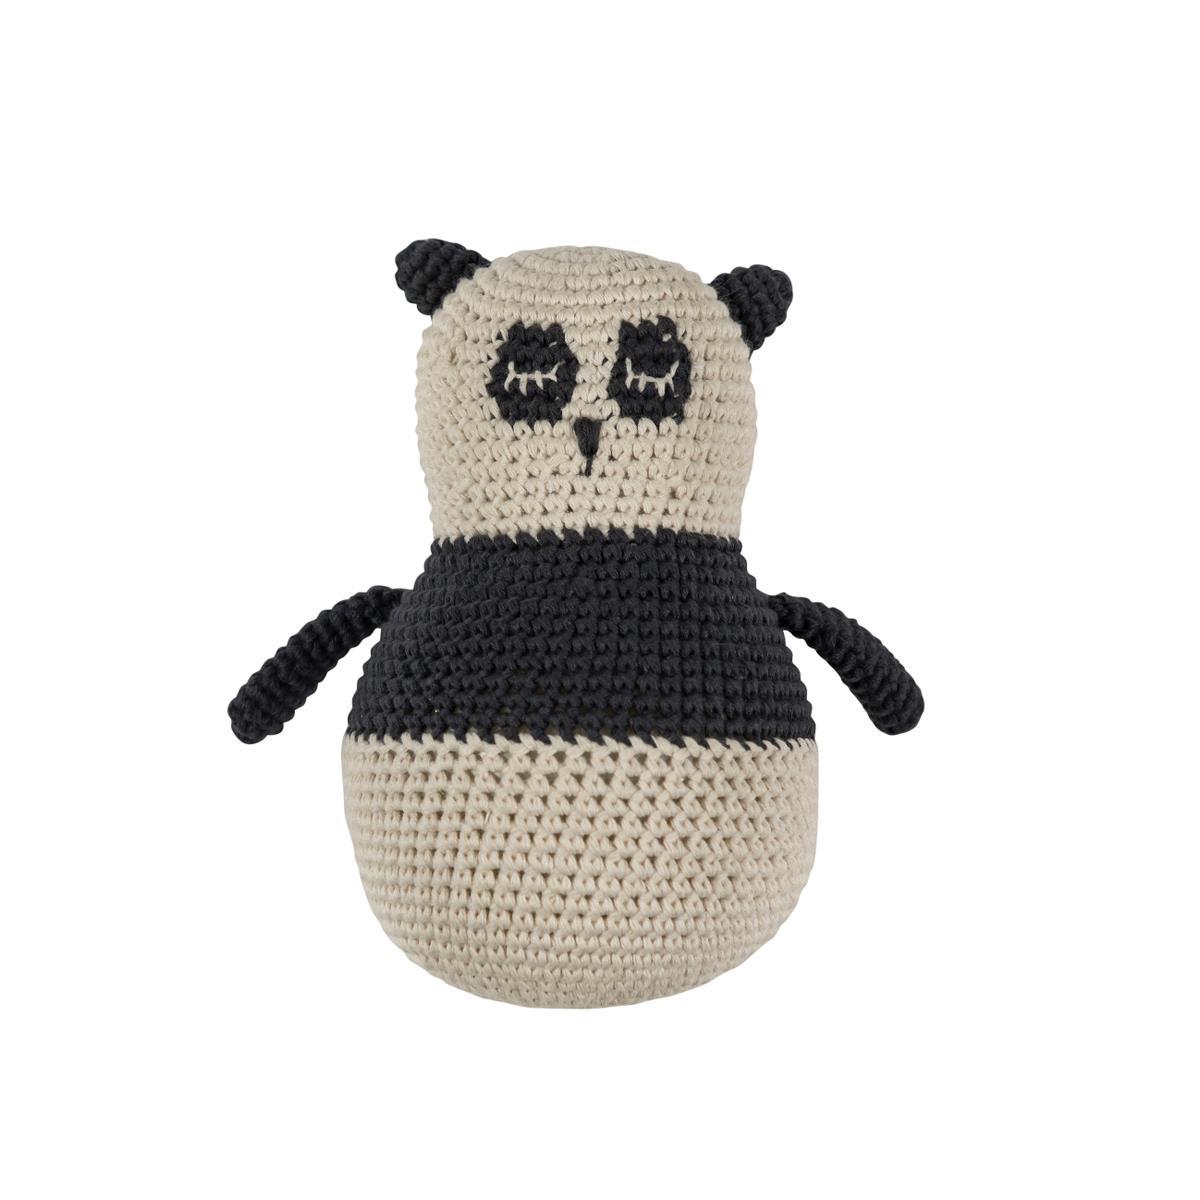 Sebra – Sebra hæklet tumling - panda, 4 stk. på lager fra pixizoo